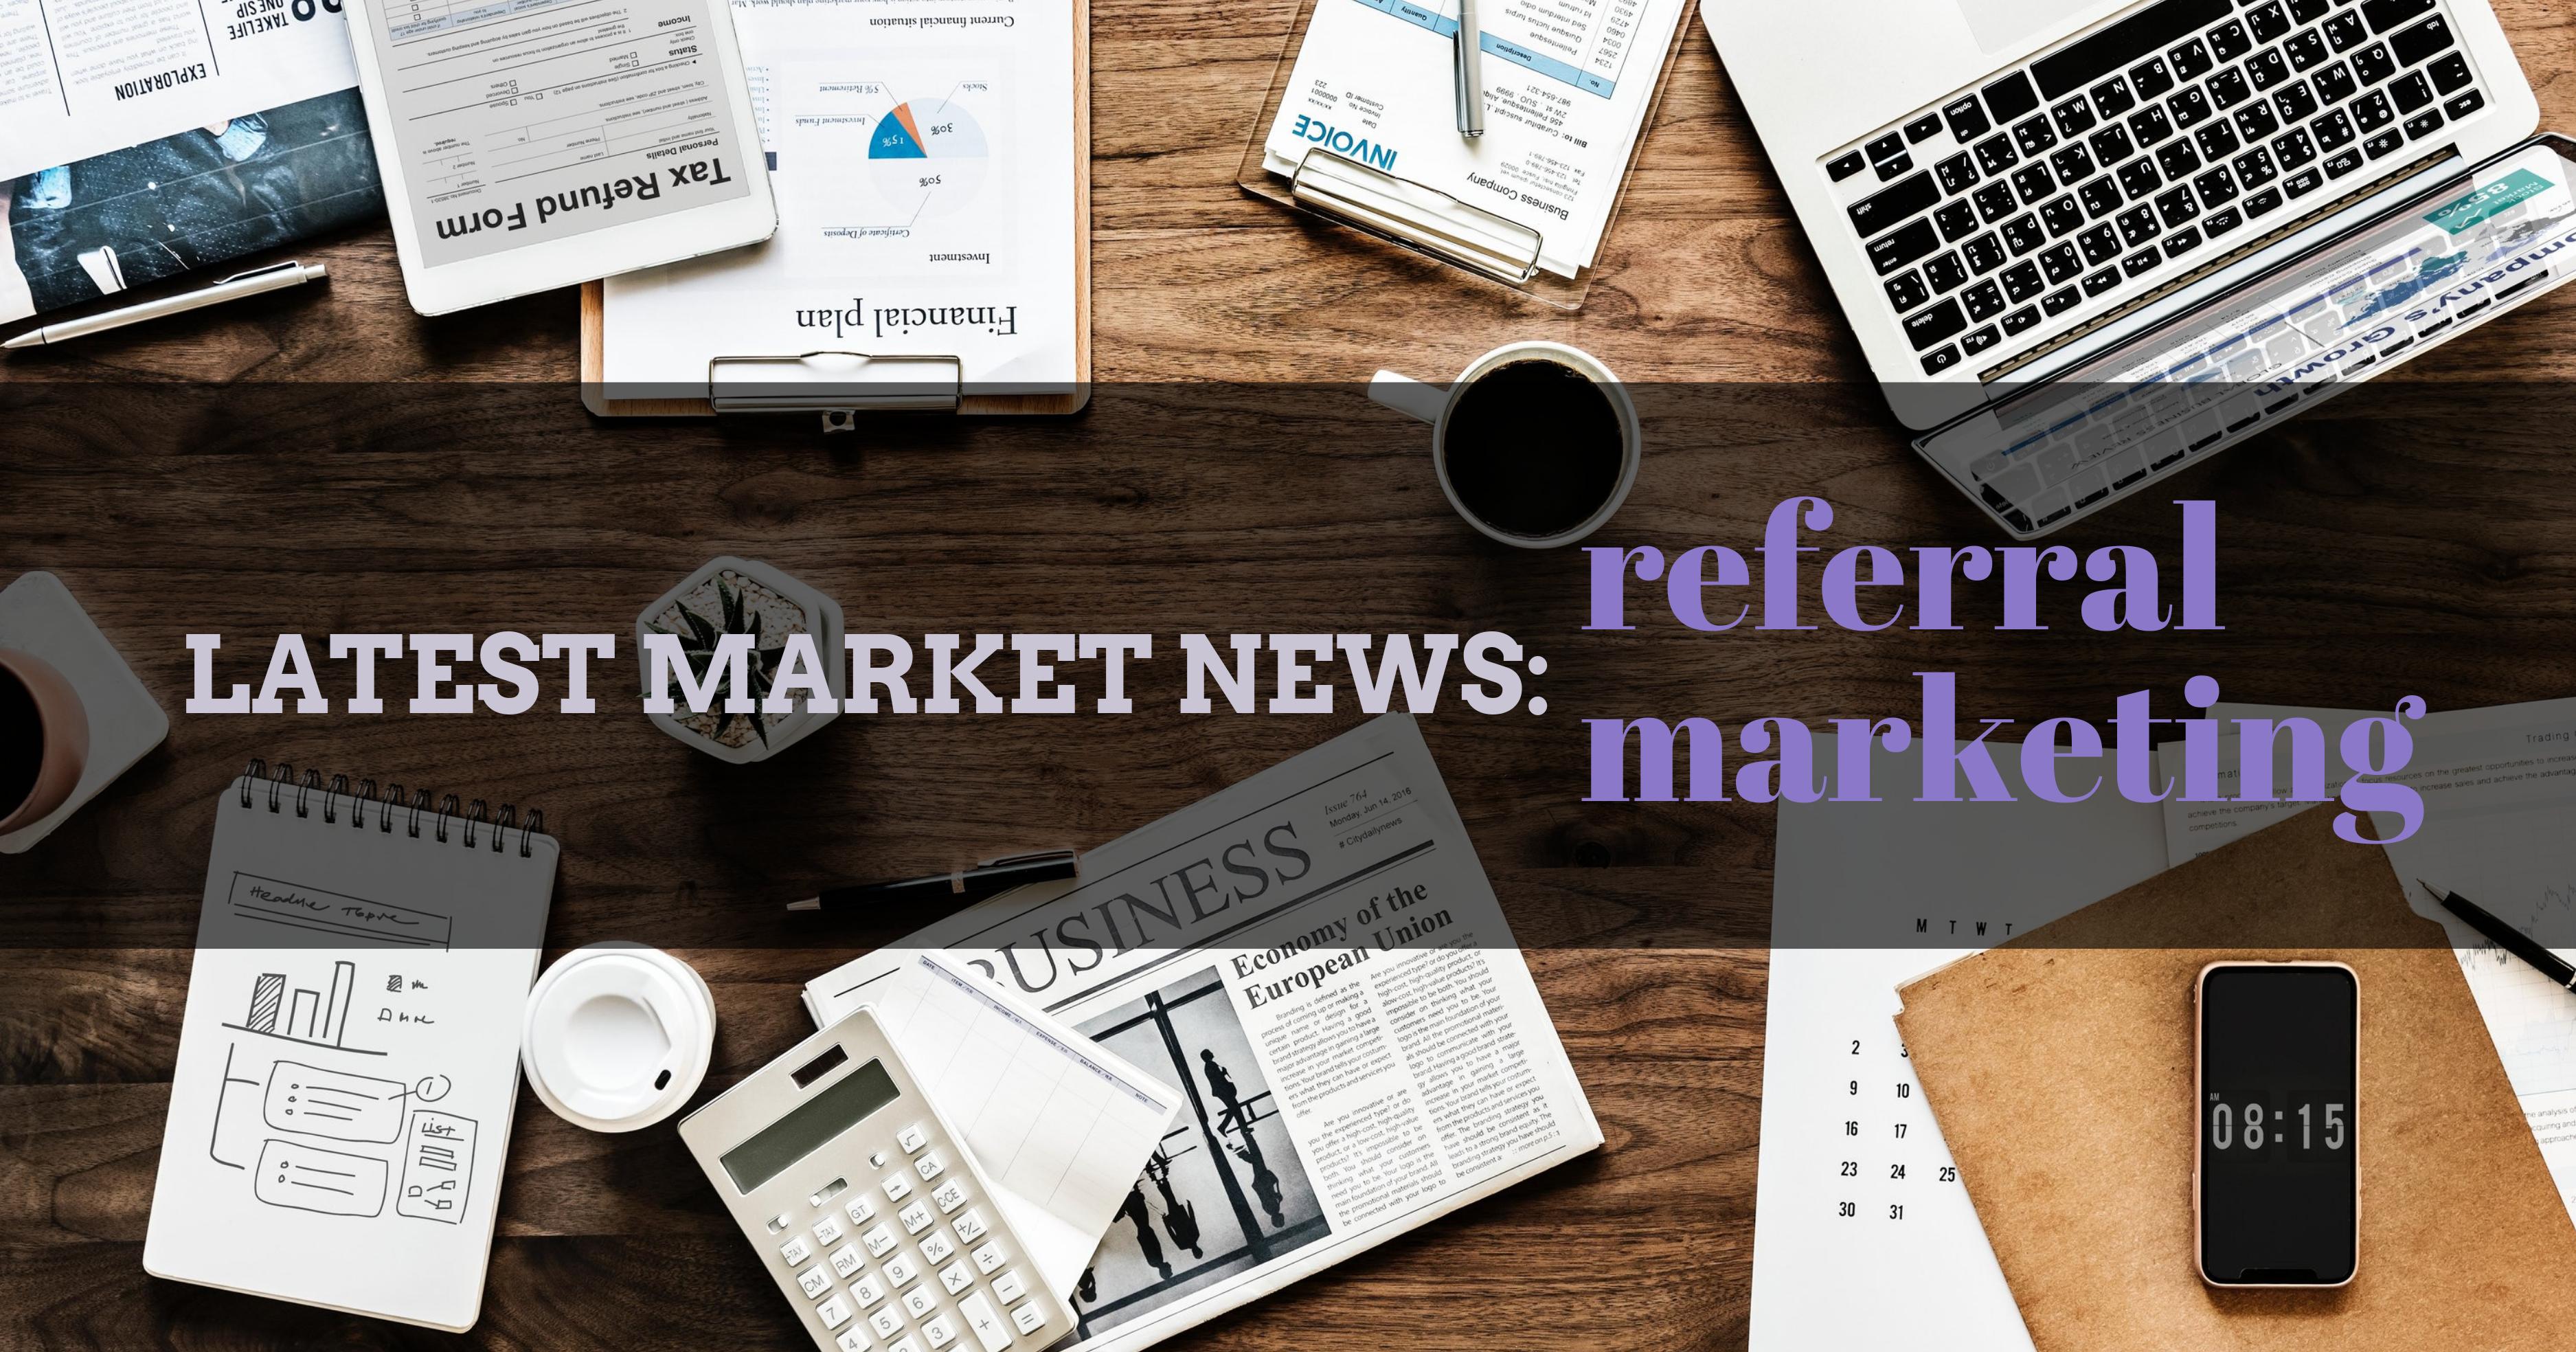 Referral Marketing News_L